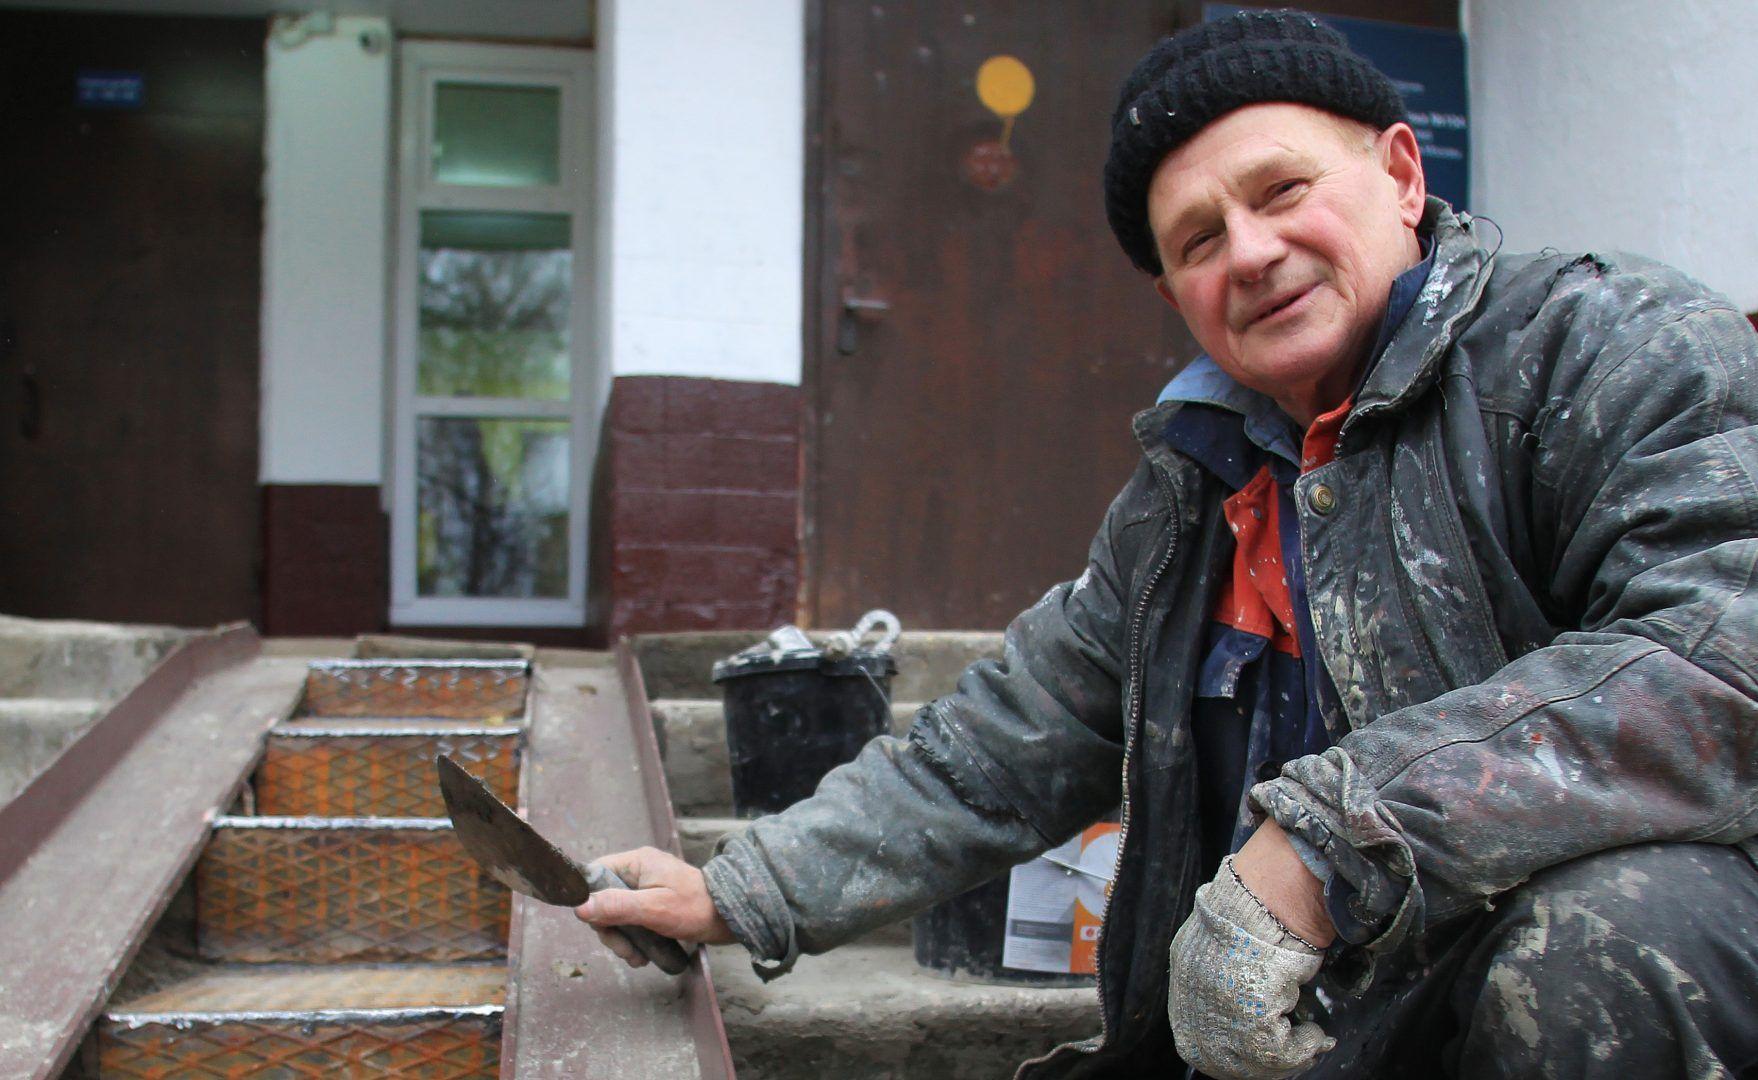 Специалисты установят пандус вблизи здания в Троицке. Фото: Наталья Нечаева, «Вечерняя Москва»